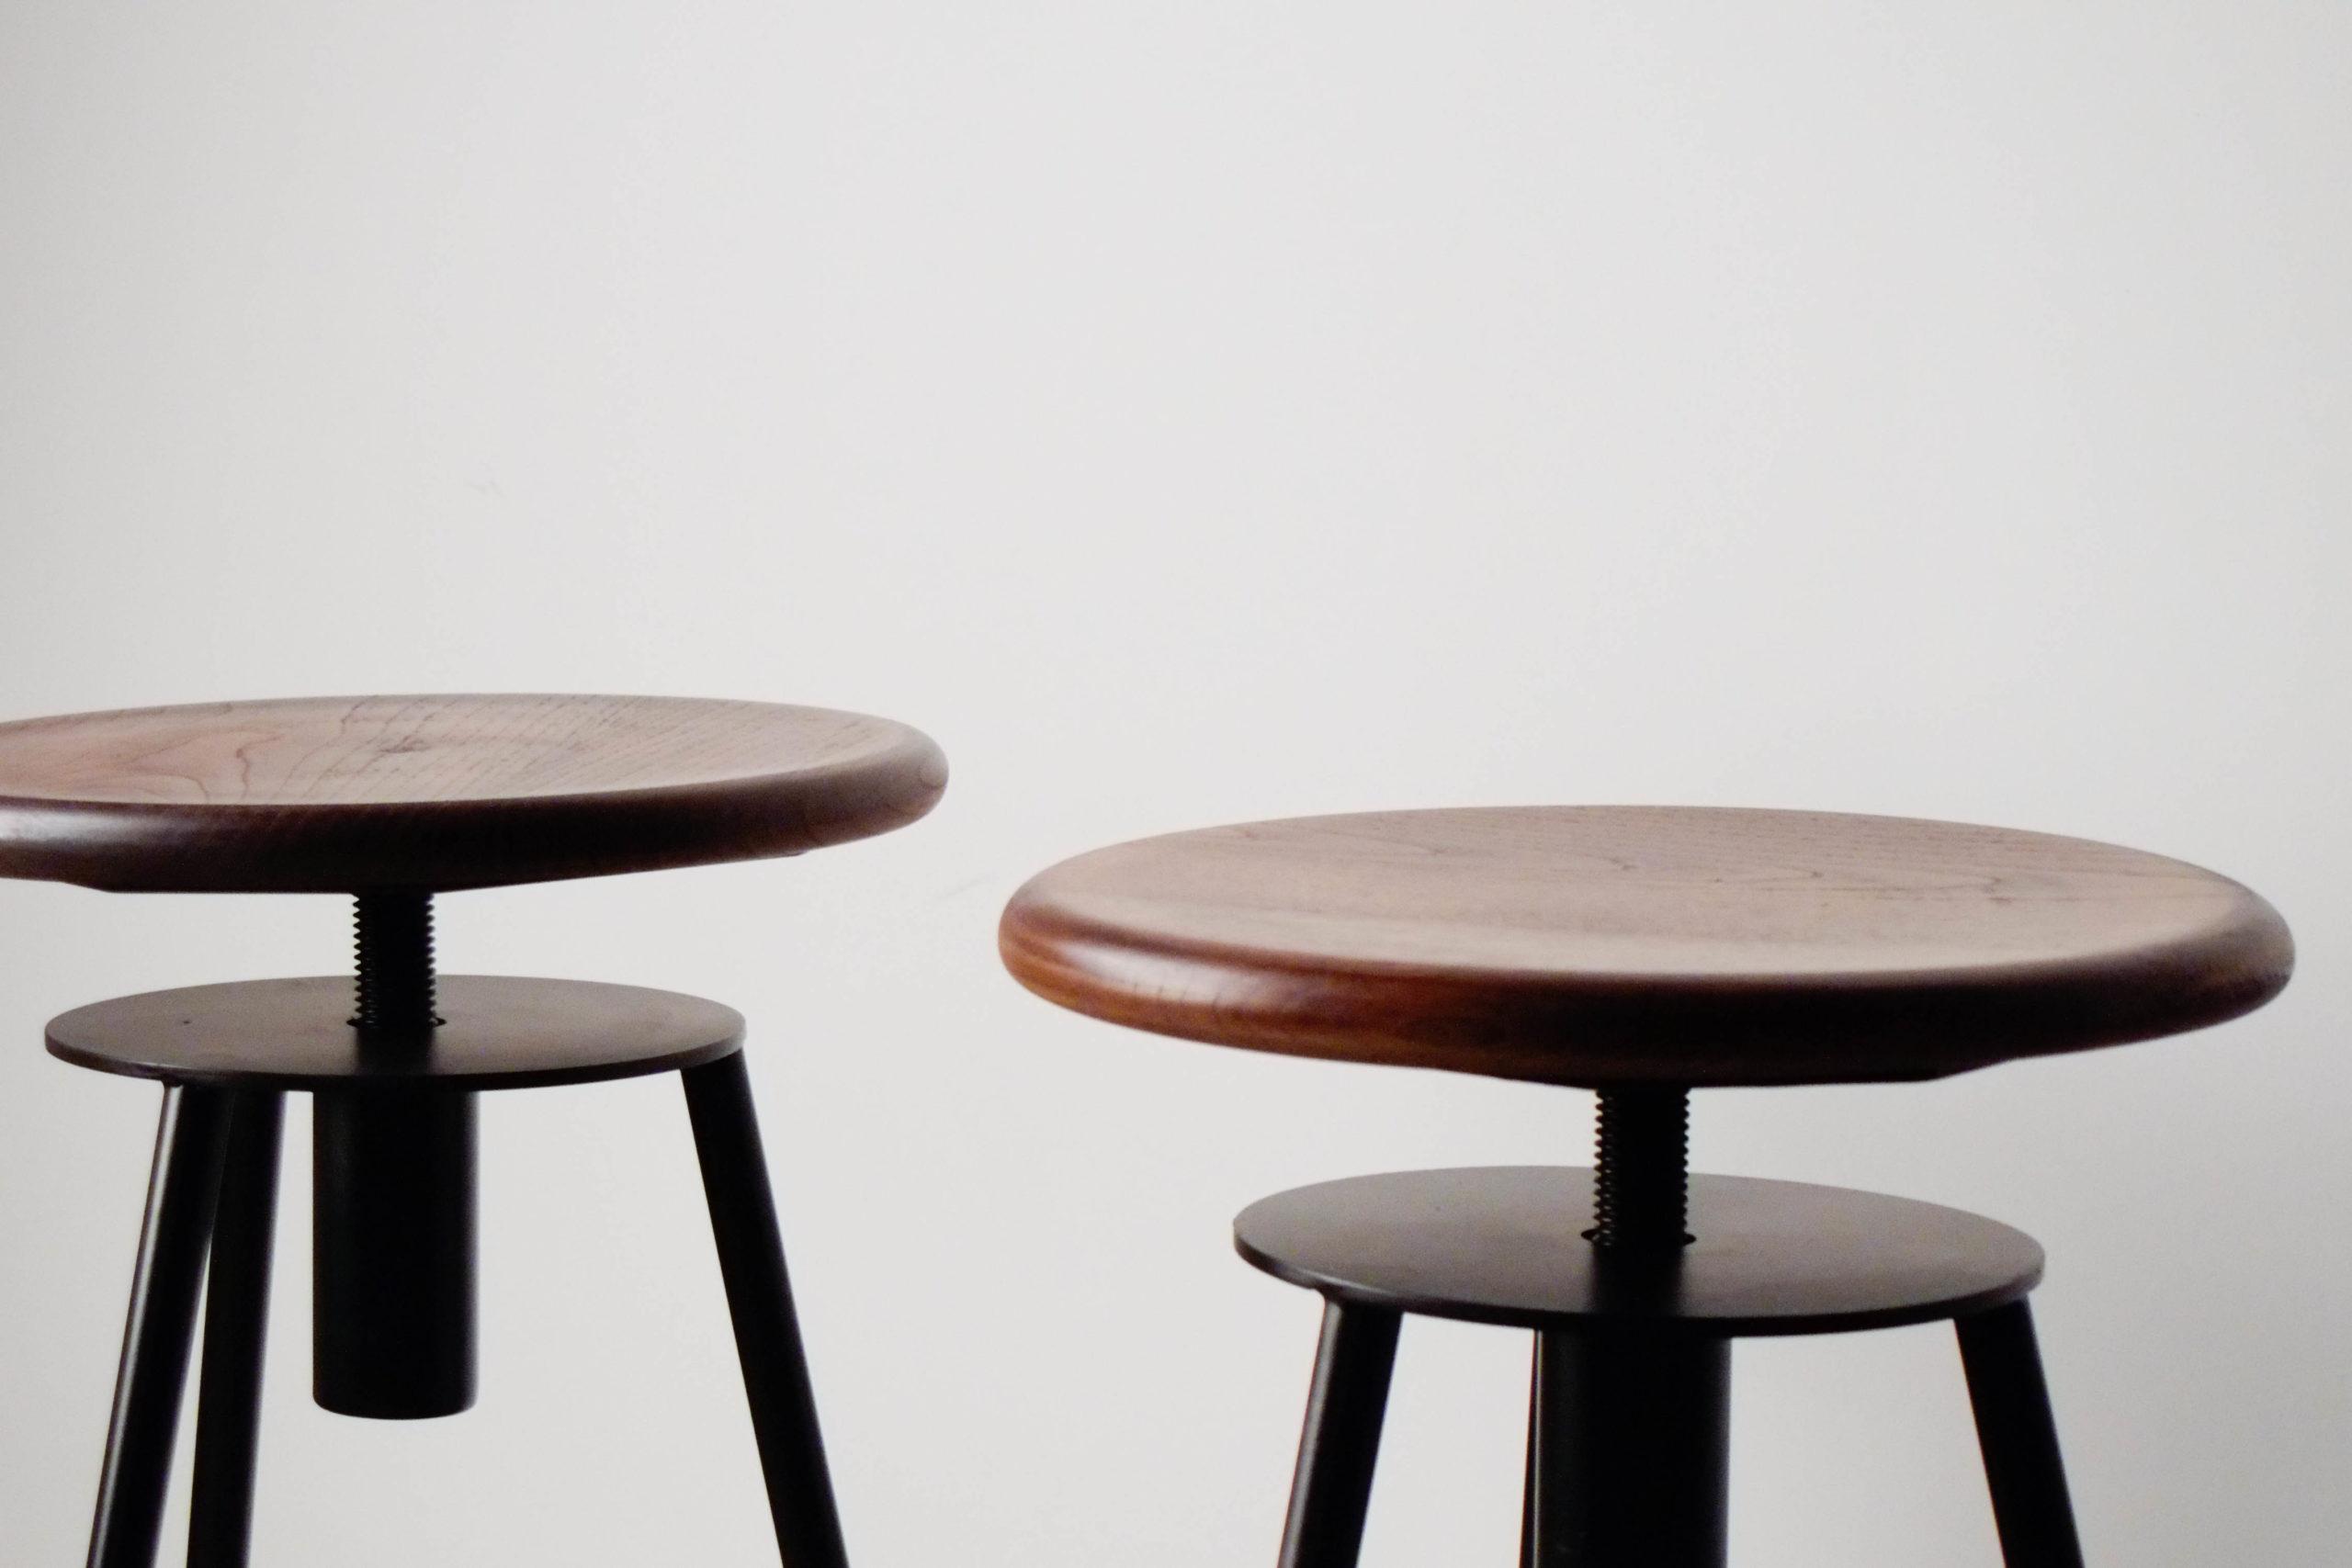 taburetes de madera ajustables oscuros diseño metal cocina comodos giratorios